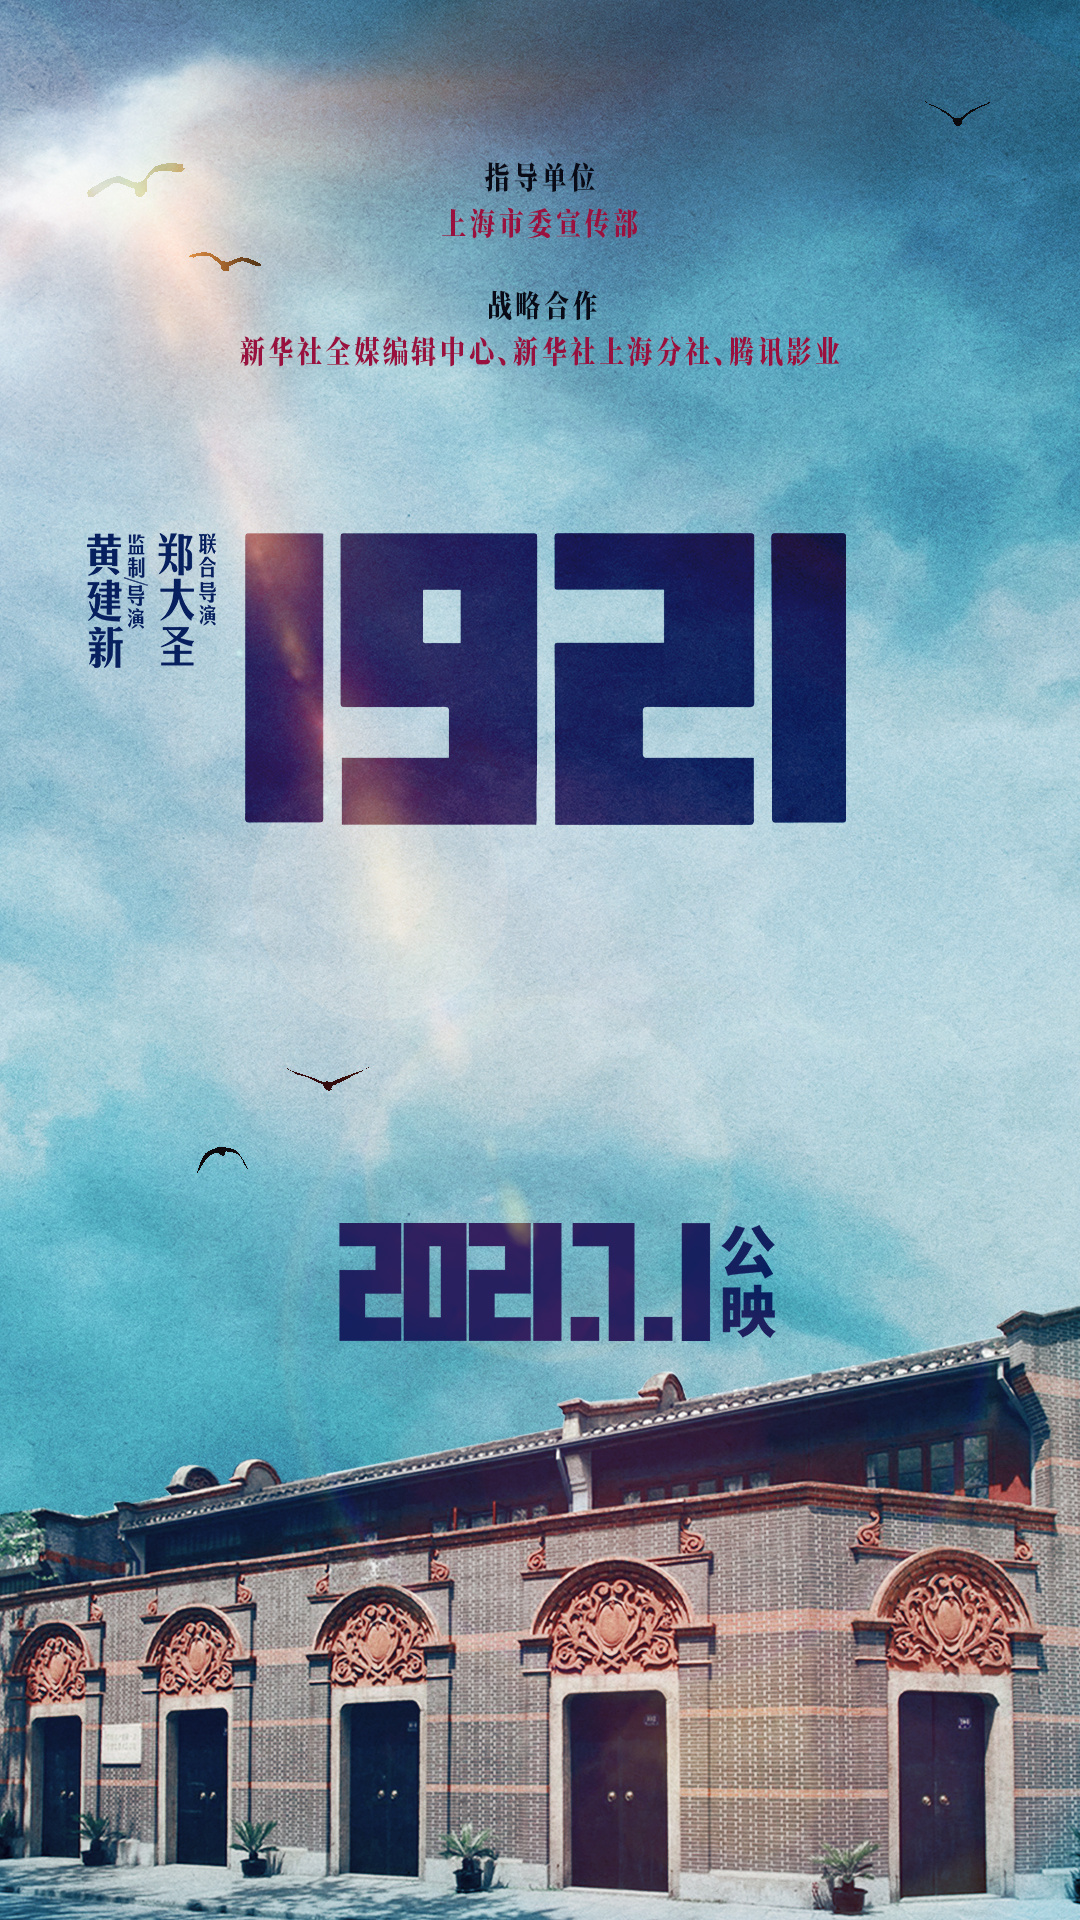 黄建新解读电影《1921》 :用新的故事再现黄金时代